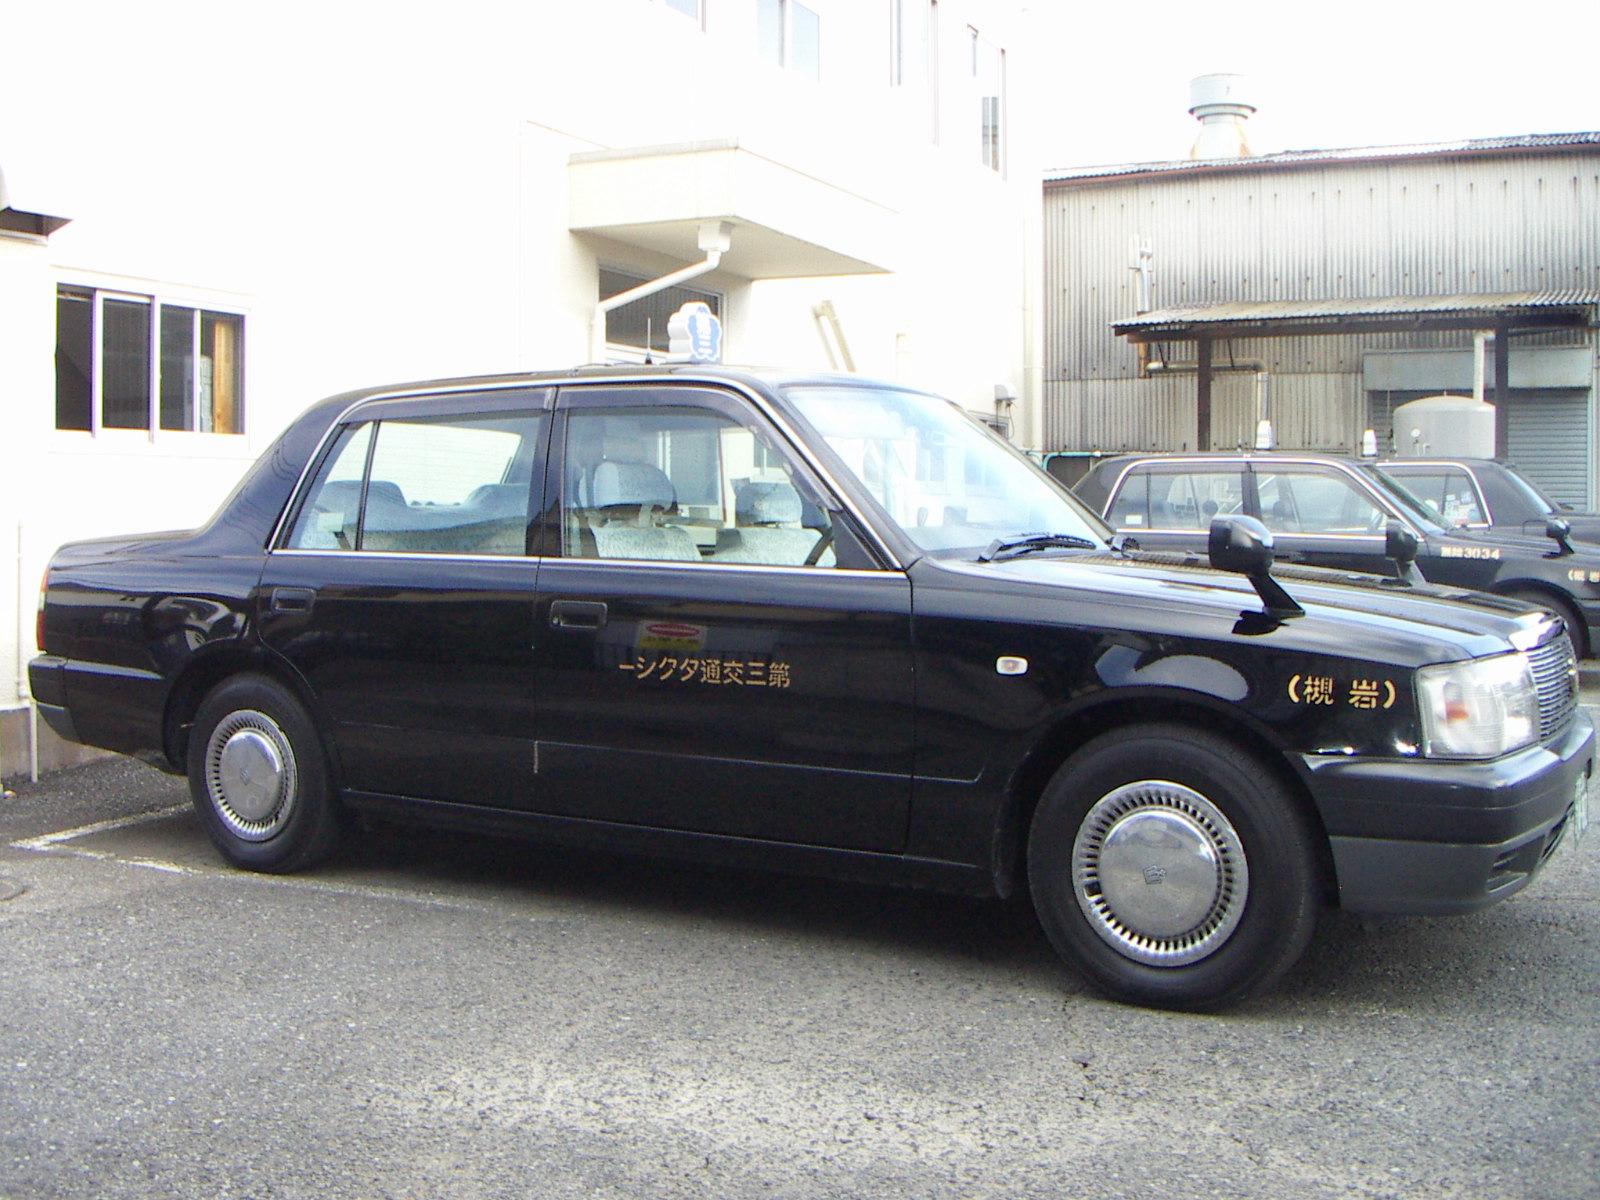 第三交通 タクシー